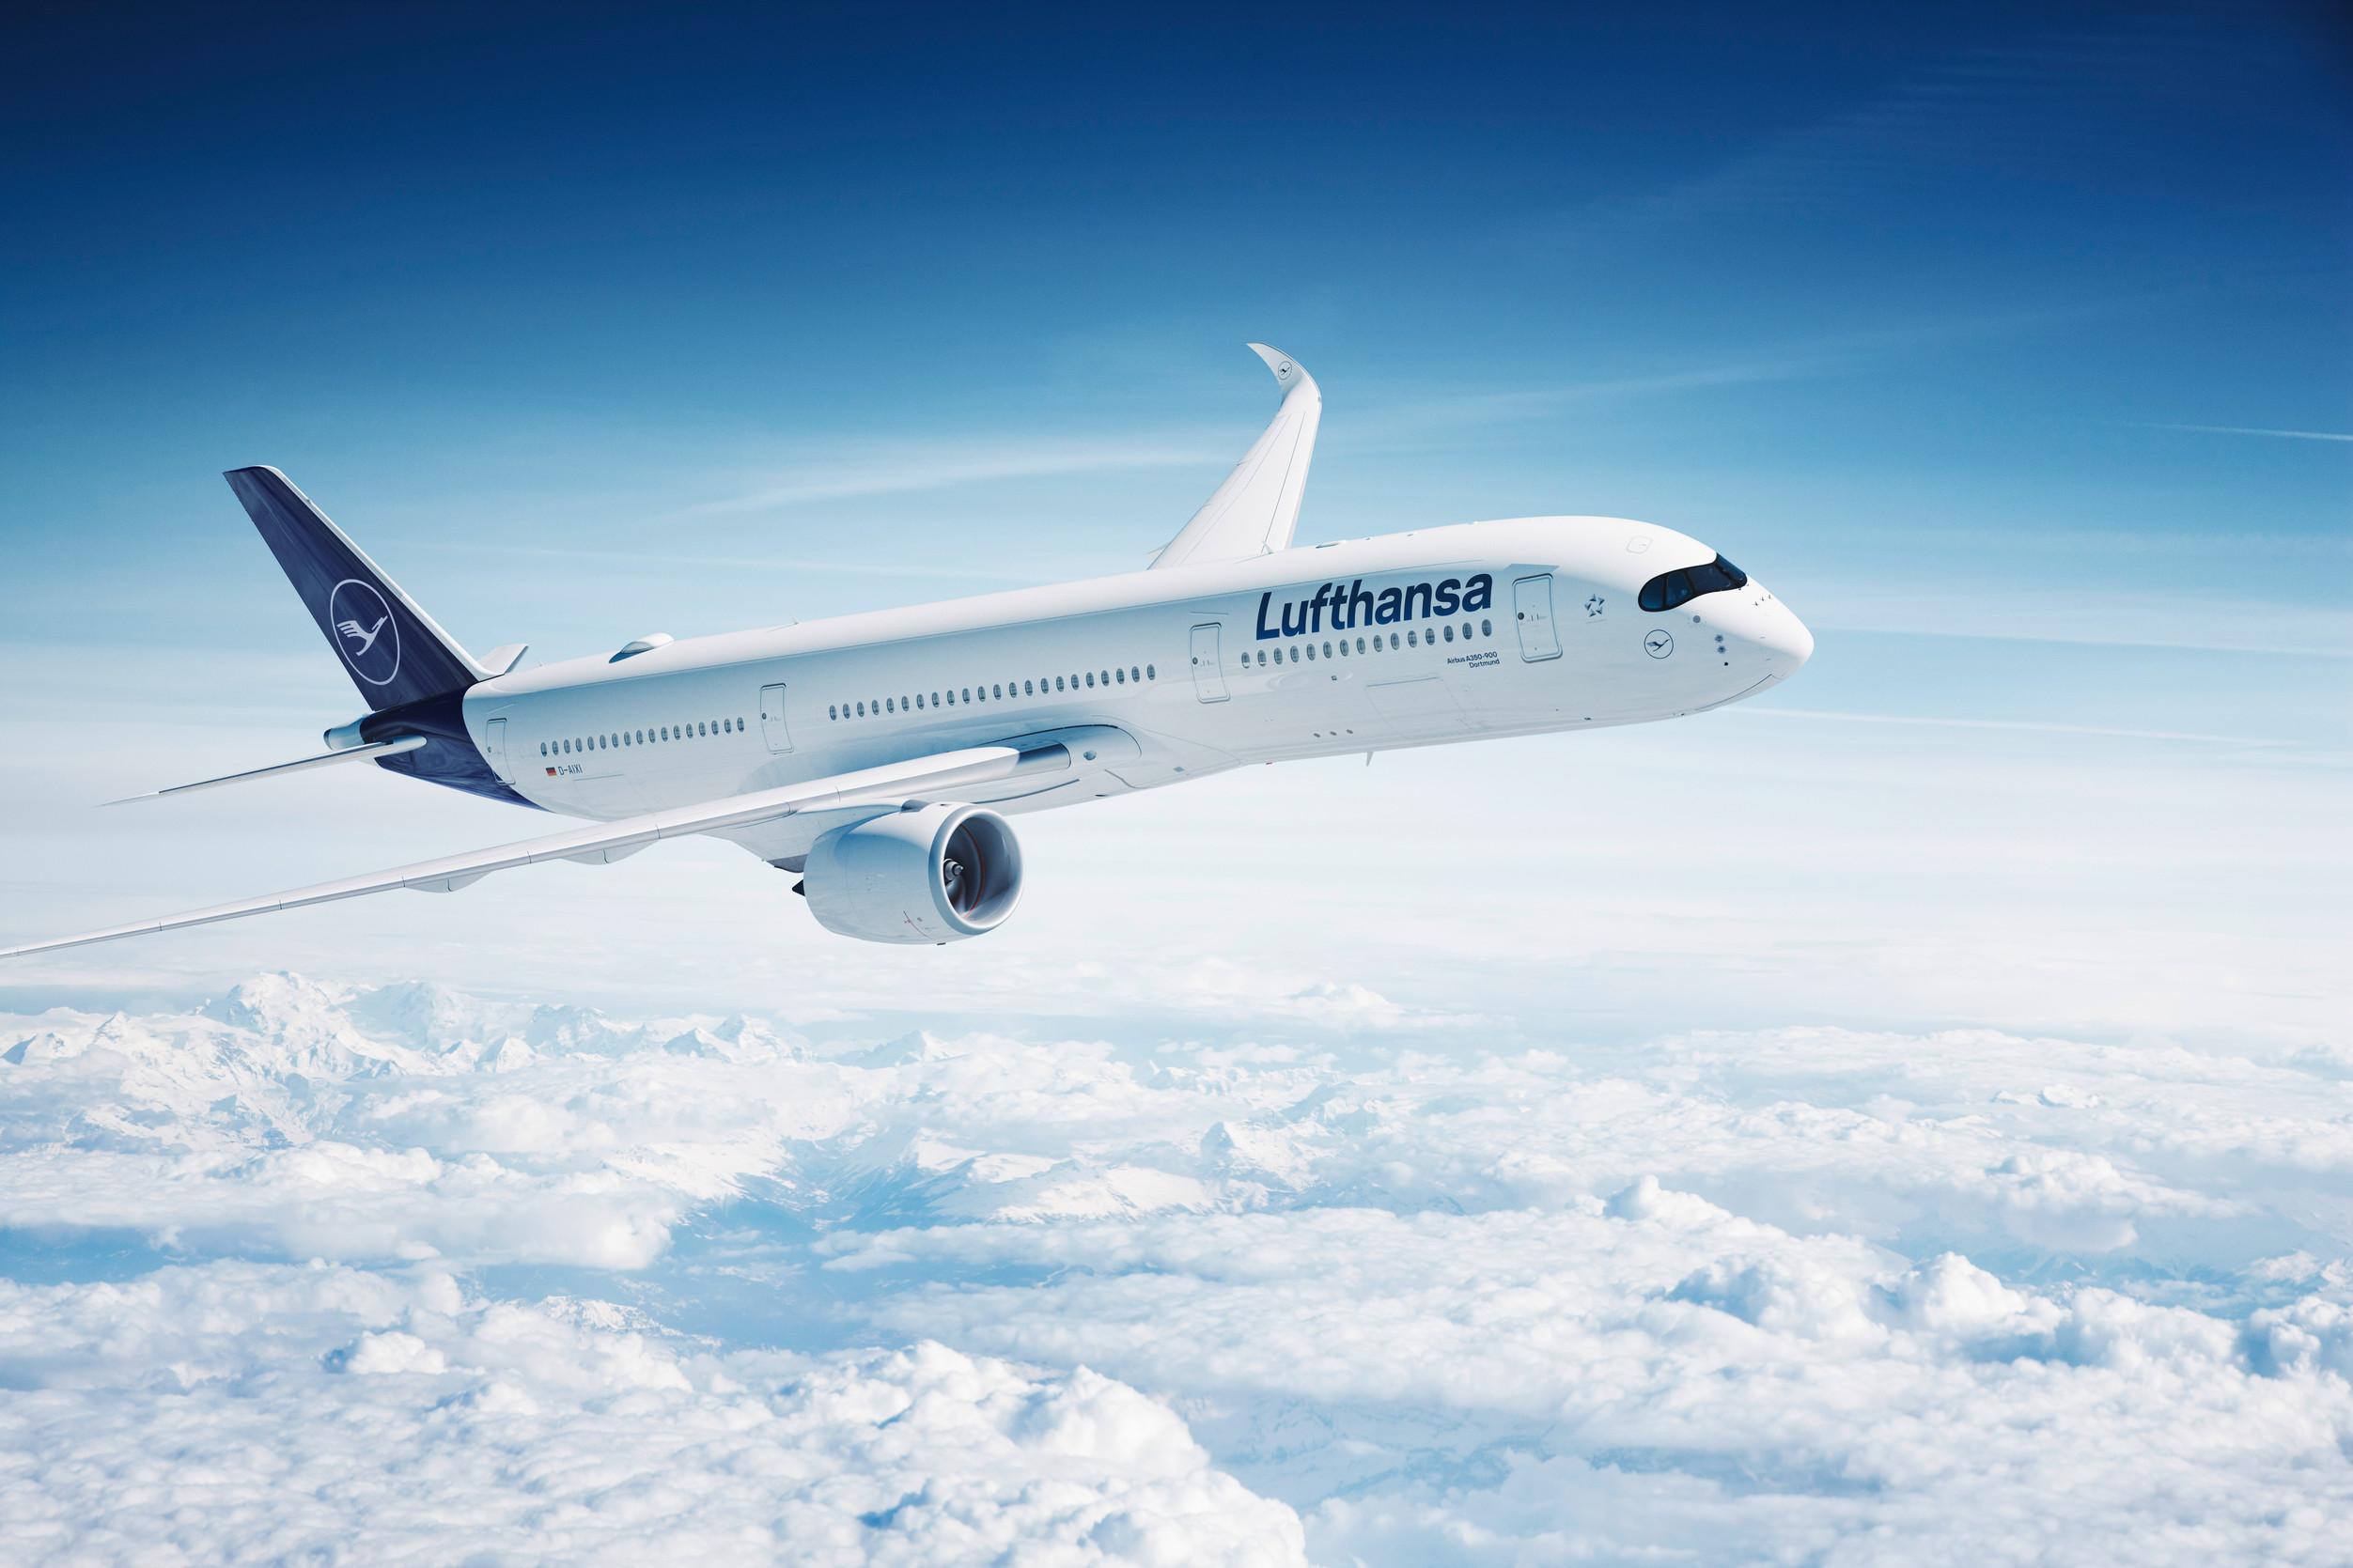 Lufthansa relança rota São Paulo - Munique com moderníssimo Airbus A350-900